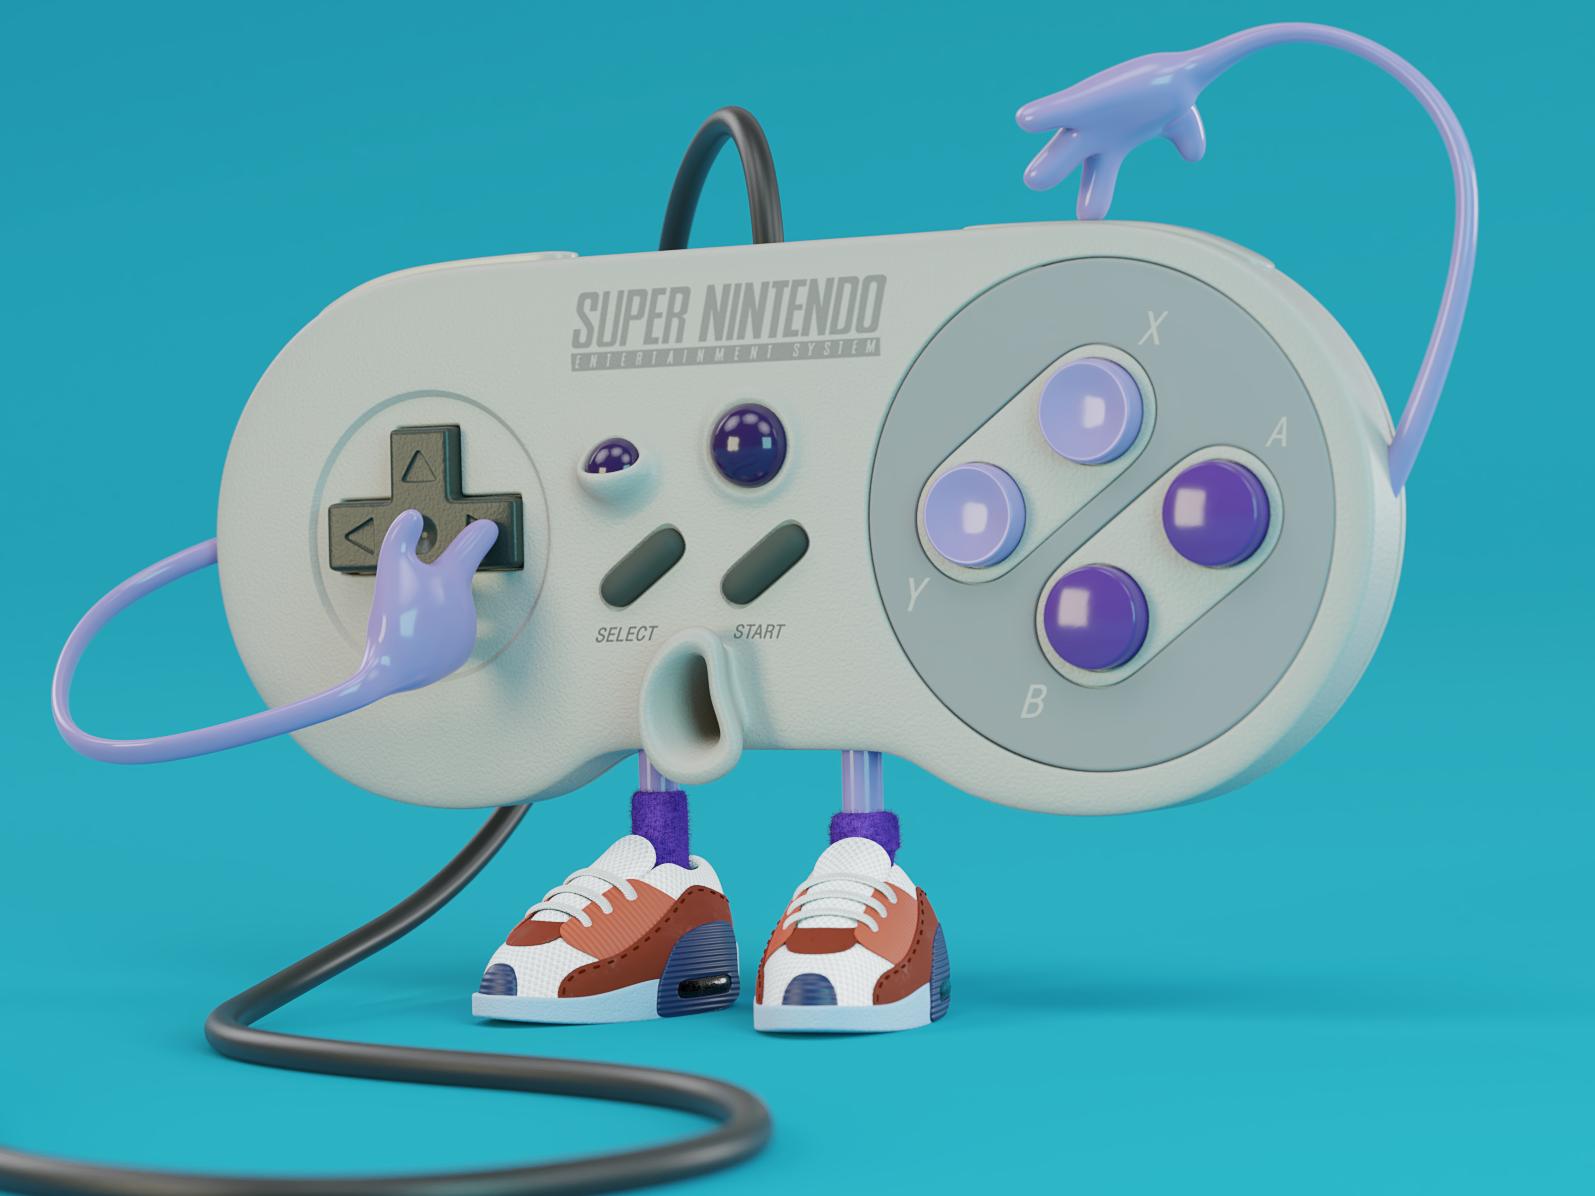 Super Nintendo blender3d 3d ilustration 3d modeling render blender design illustration character design 3d